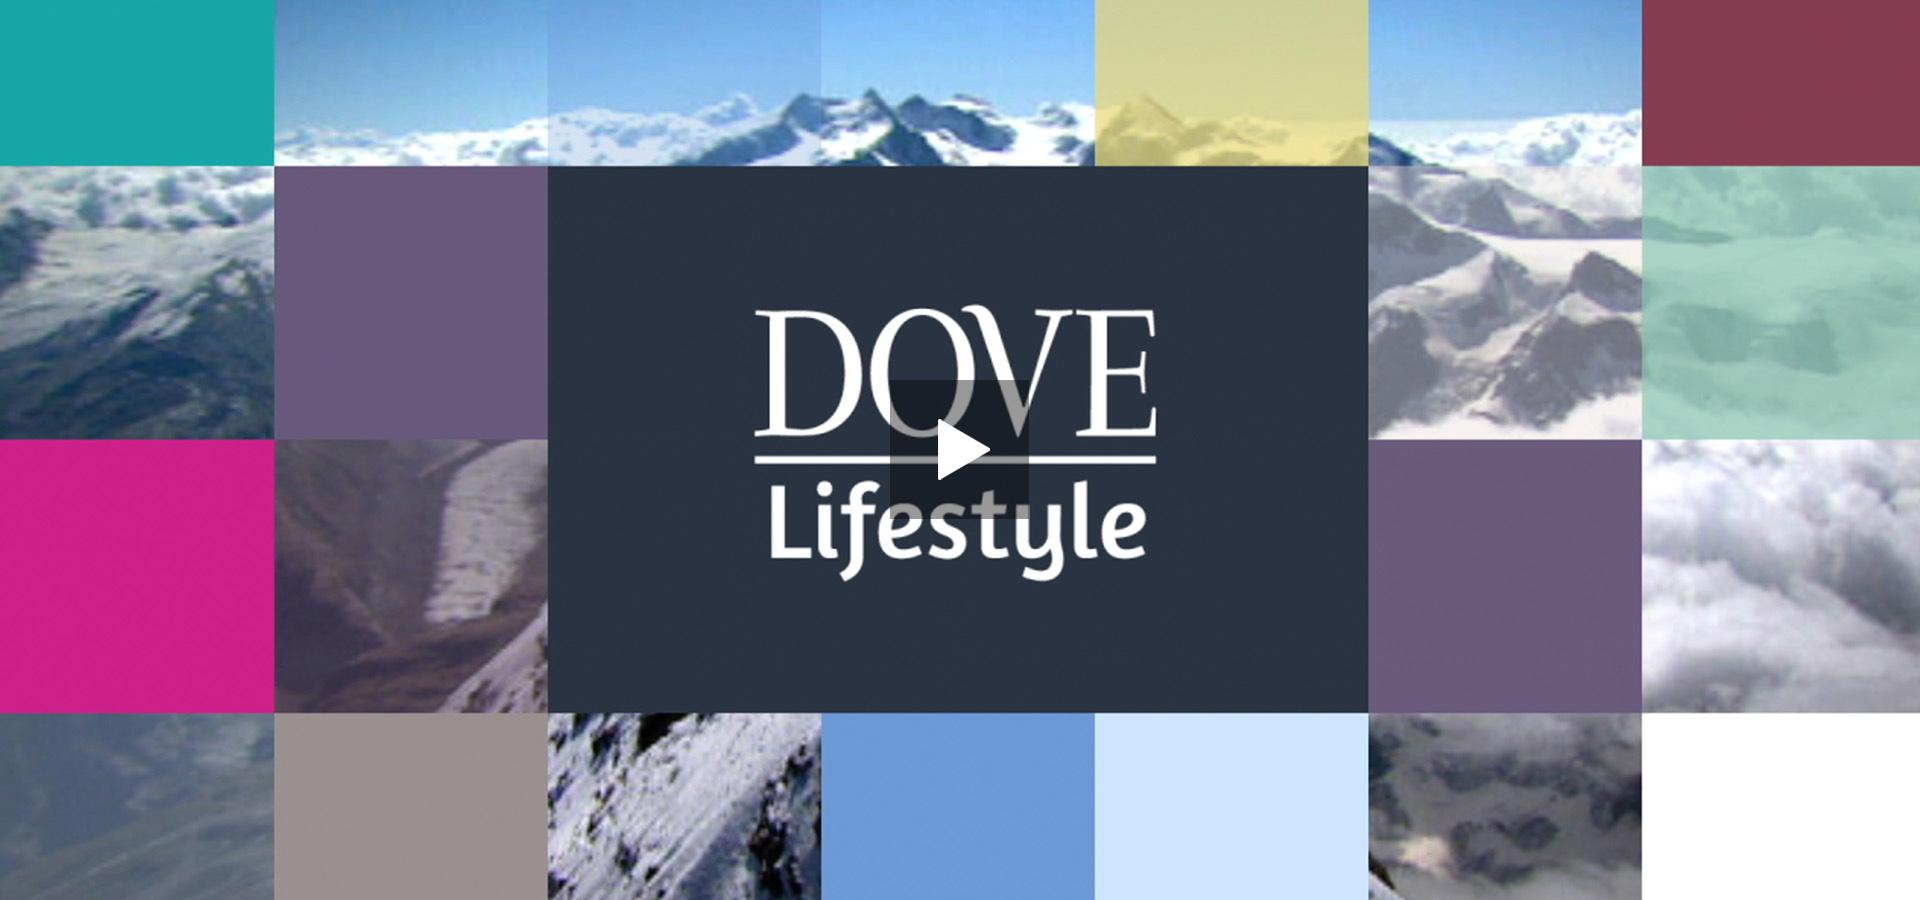 Monkey Talkie per Dove TV - Broadcast design - TV Branding - Promo - Idents